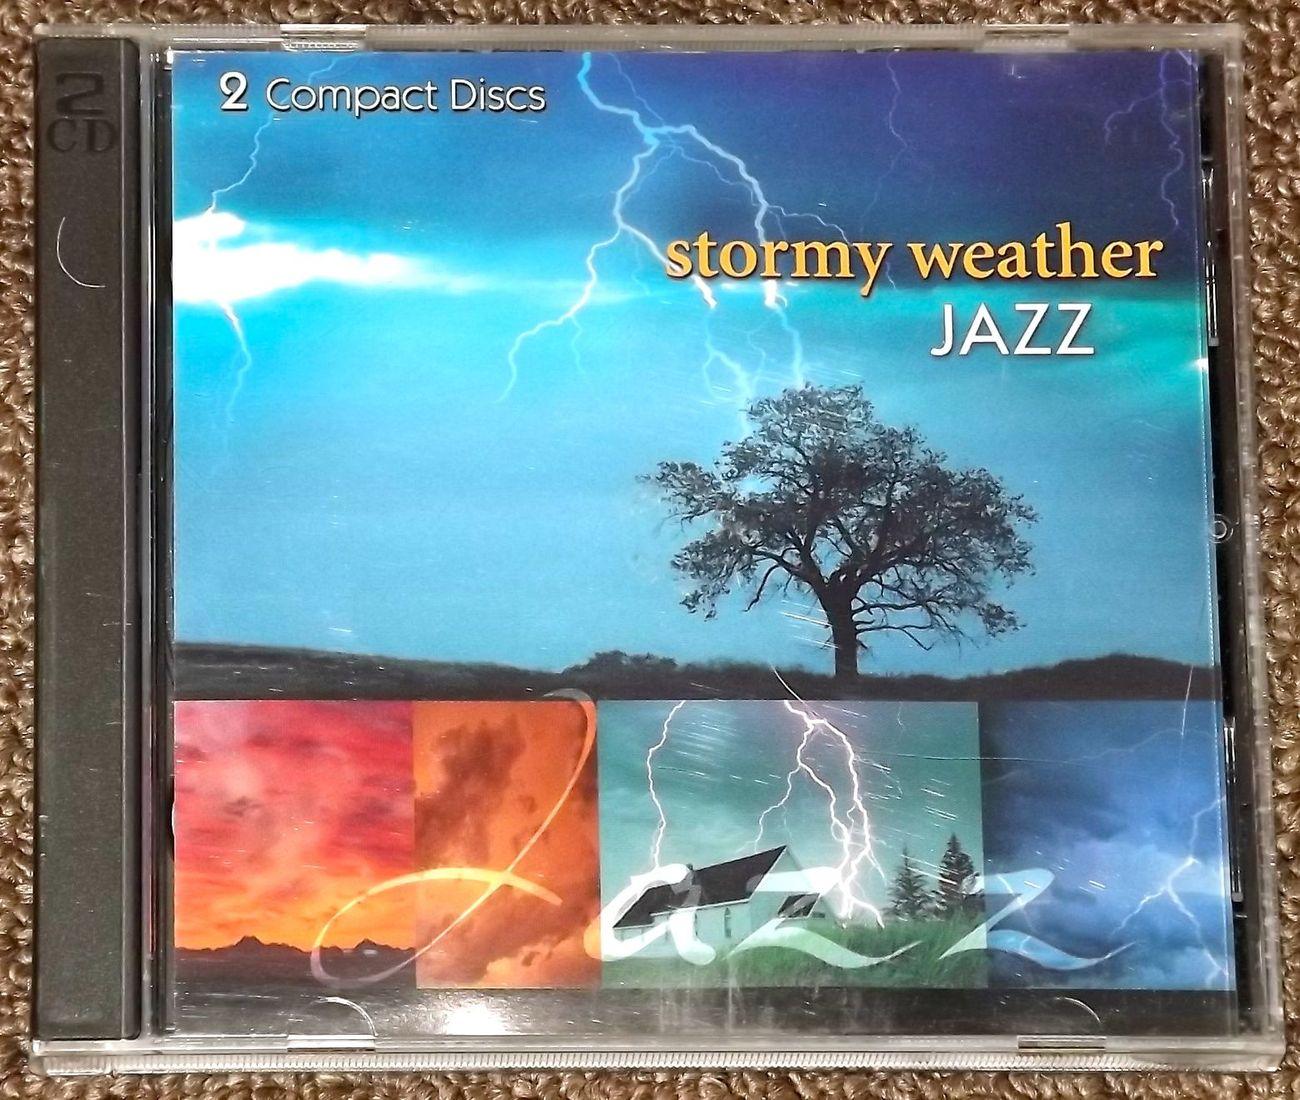 Stormy weather jazz